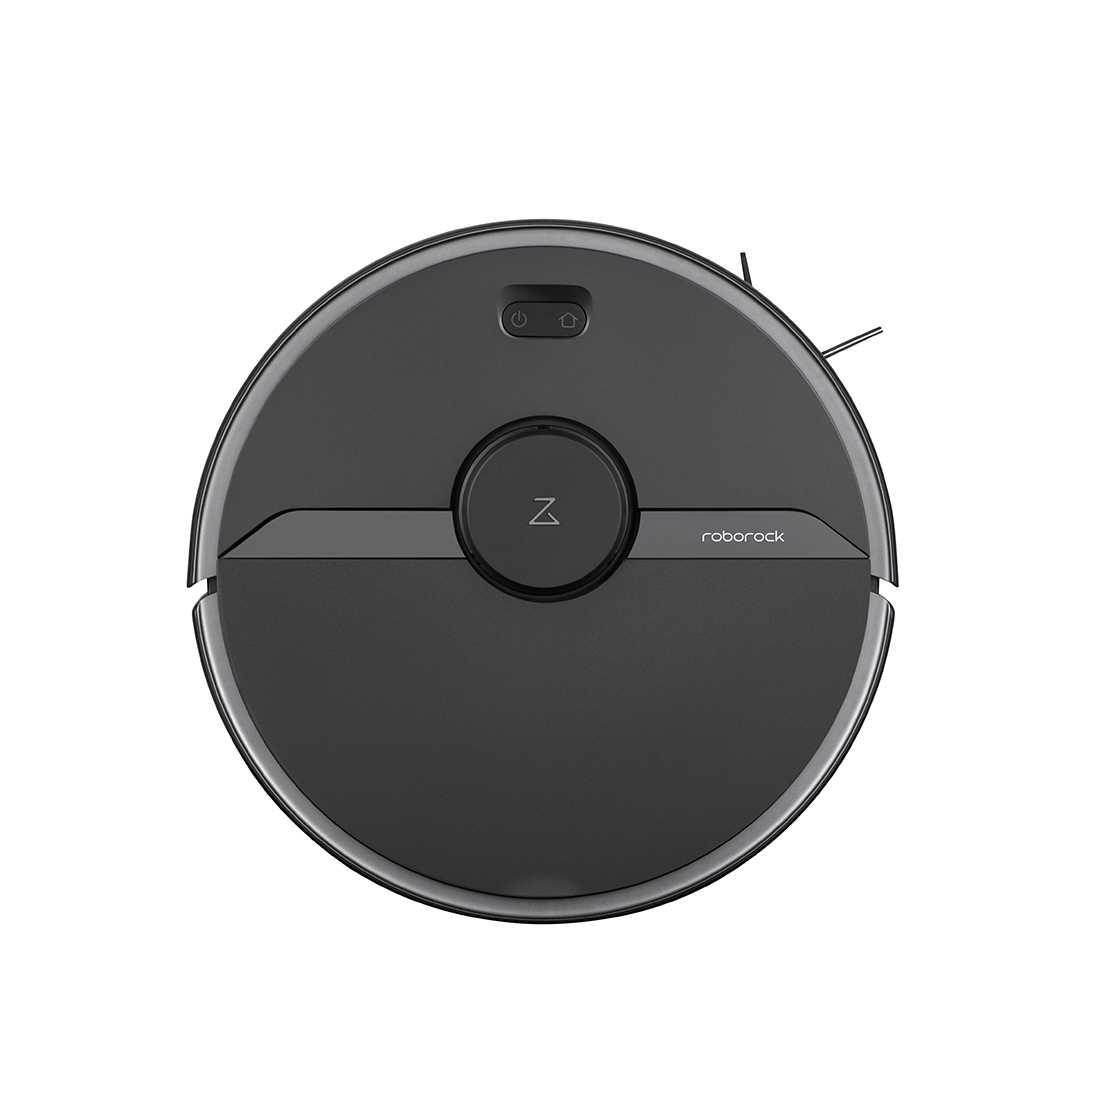 Xiaomi roborock s6 pure - убийца роботов пылесосов премиум-класса - лучшие роботы пылесосы